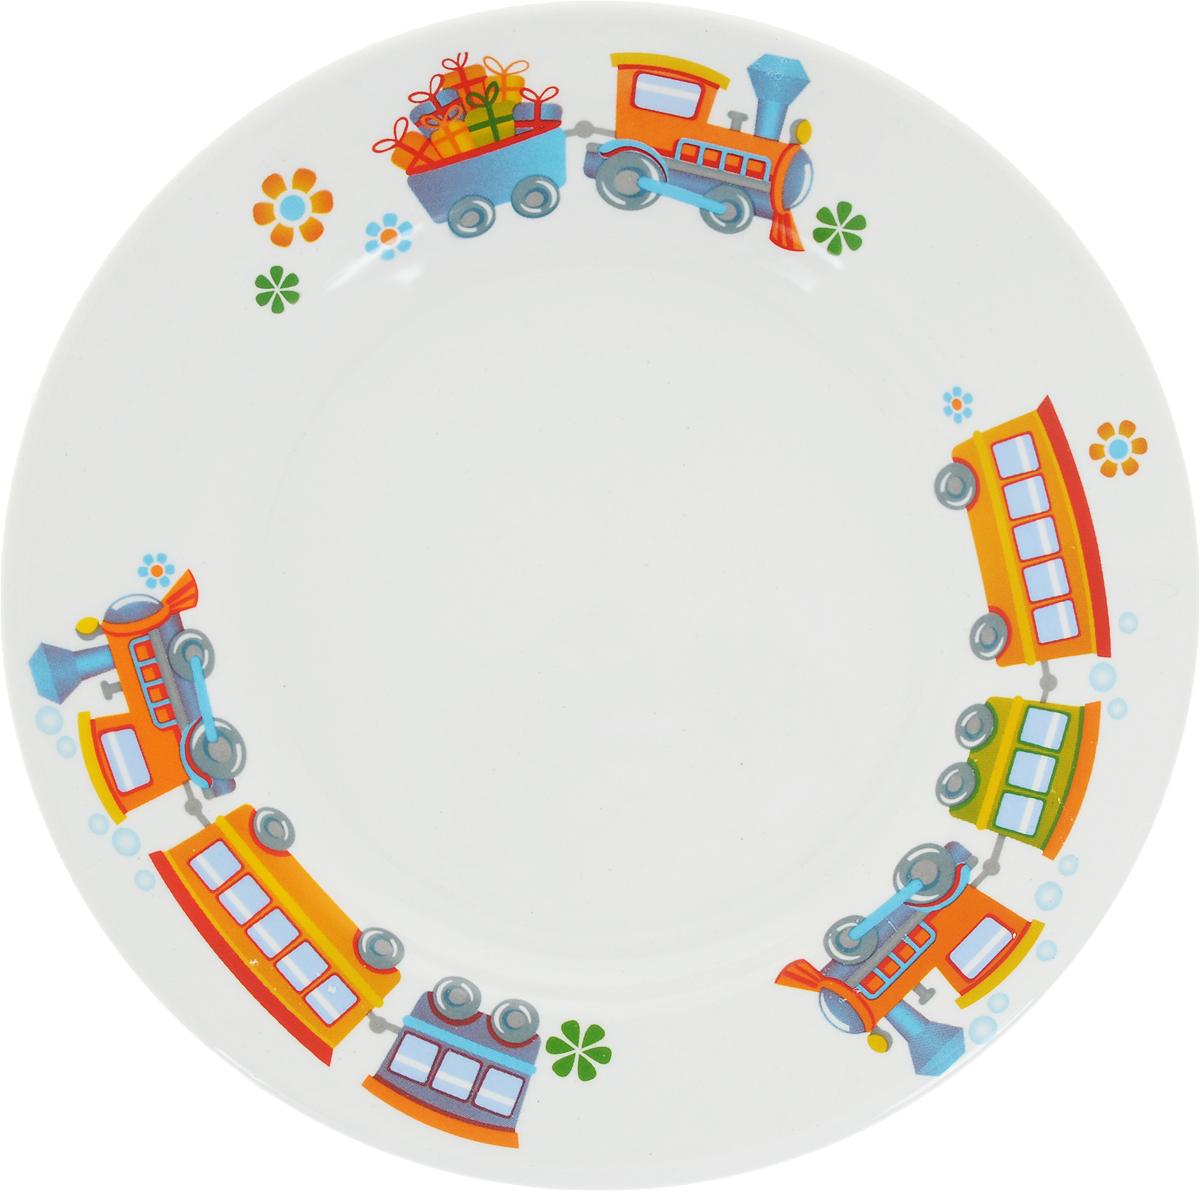 """Фаянсовая детская тарелка """"Кубаньфарфор"""" с красочным рисунком понравится каждому малышу. Изделие из качественного материала станет правильным выбором для повседневной эксплуатации и поможет превратить каждый прием пищи в радостное приключение. Особенности: - простота мойки, - стойкость к запахам, - насыщенный цвет."""